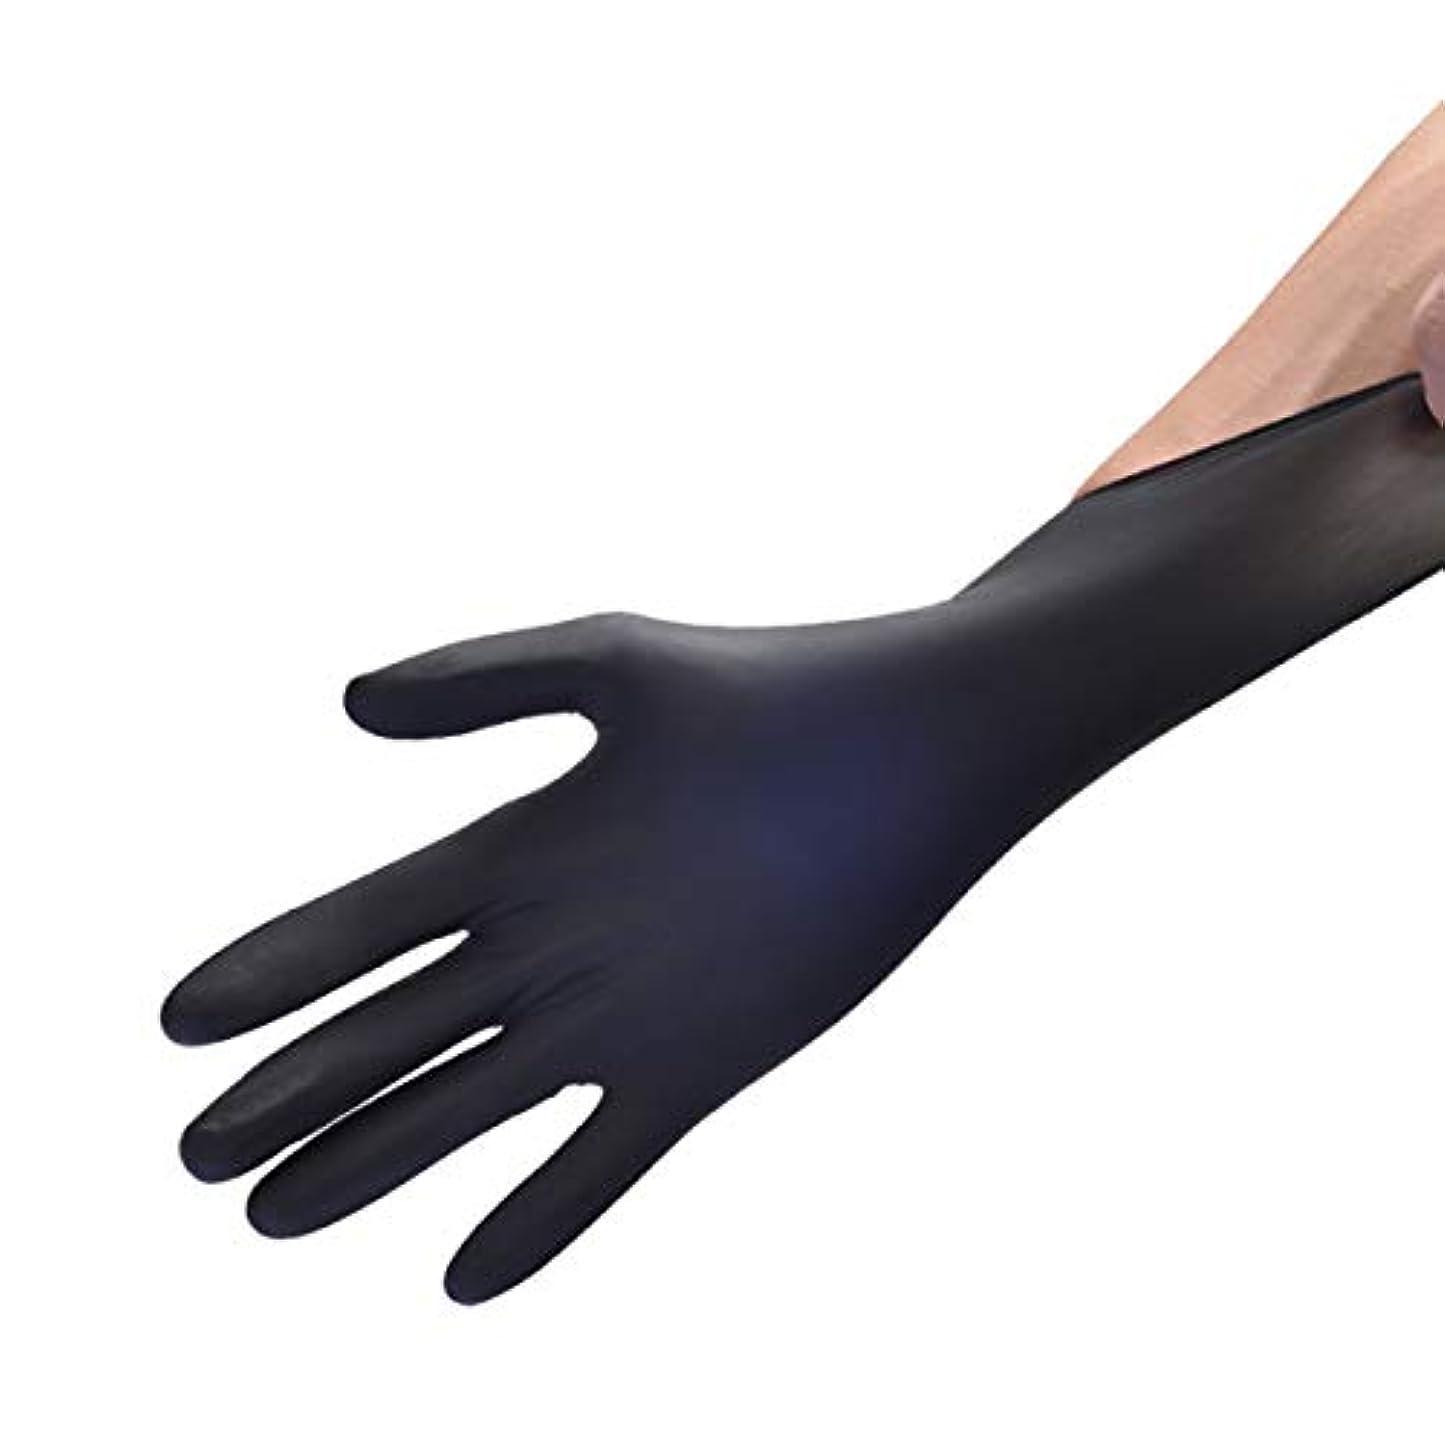 印をつける幽霊ファランクスビニール手袋 使い捨て手袋 グローブ ニトリルグローブ ゴム手袋 粉なし 男女兼用 作業 介護 調理 炊事 園芸 掃除用,XL